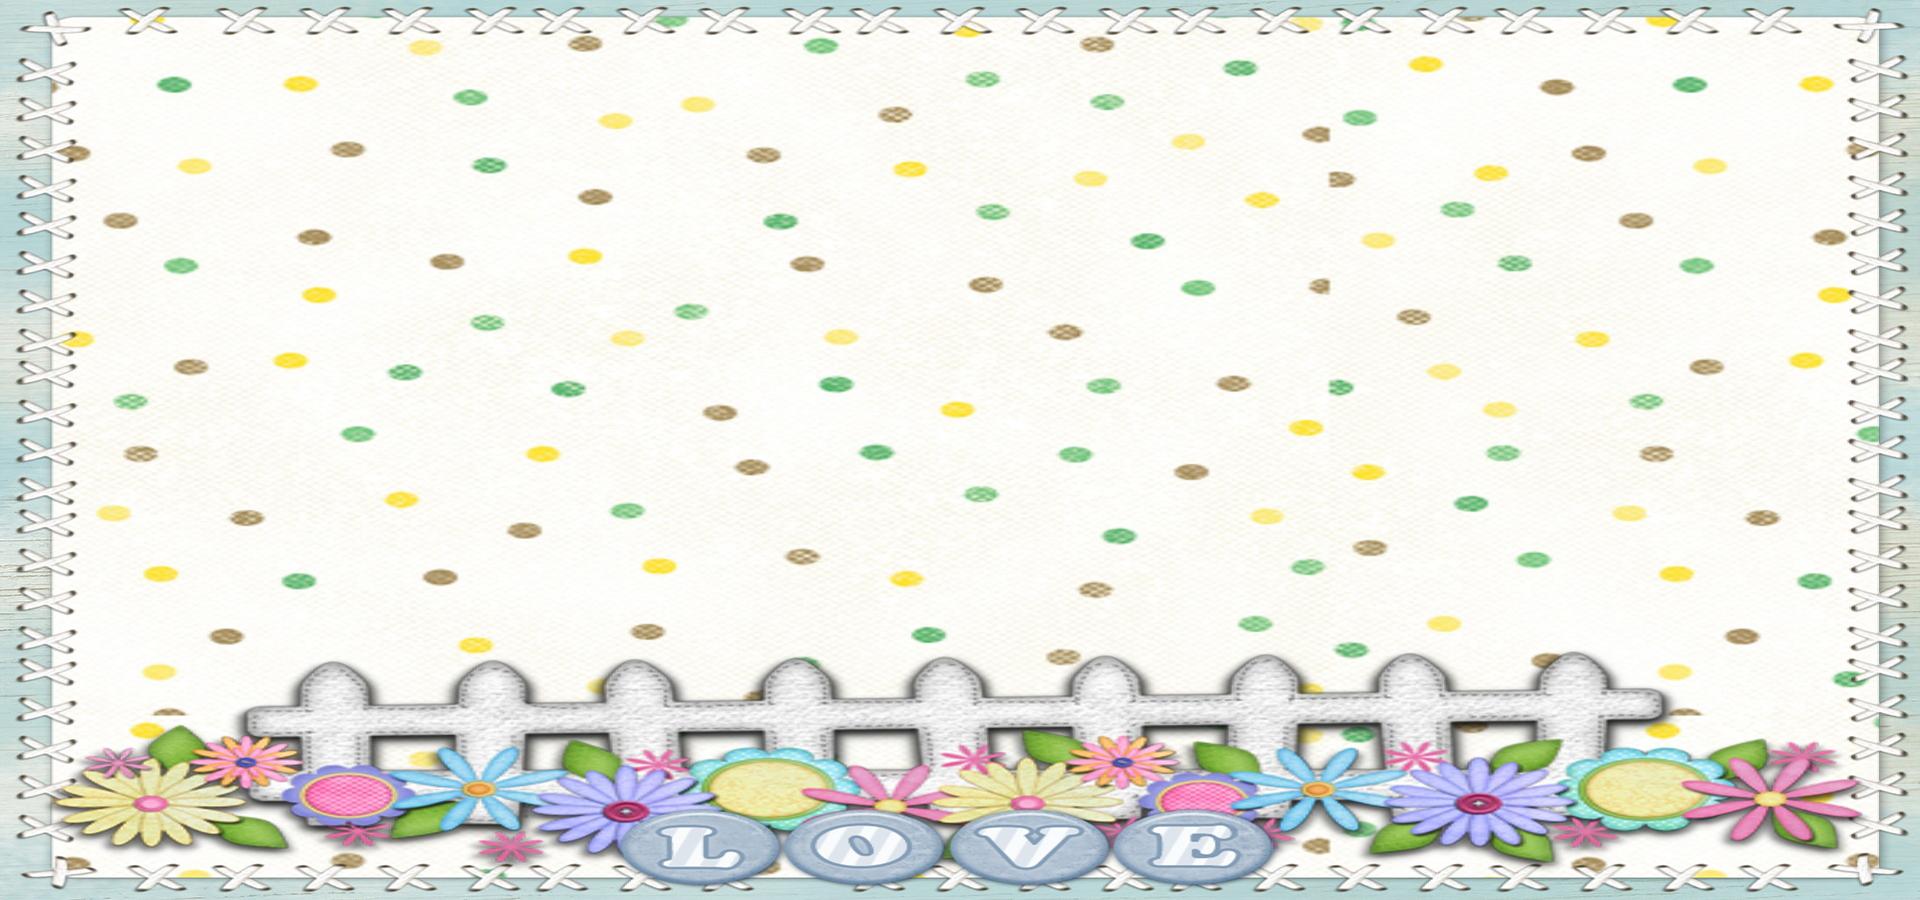 El tejido de fondo de dibujos animados, Cartoon, Tejer, Flores ...